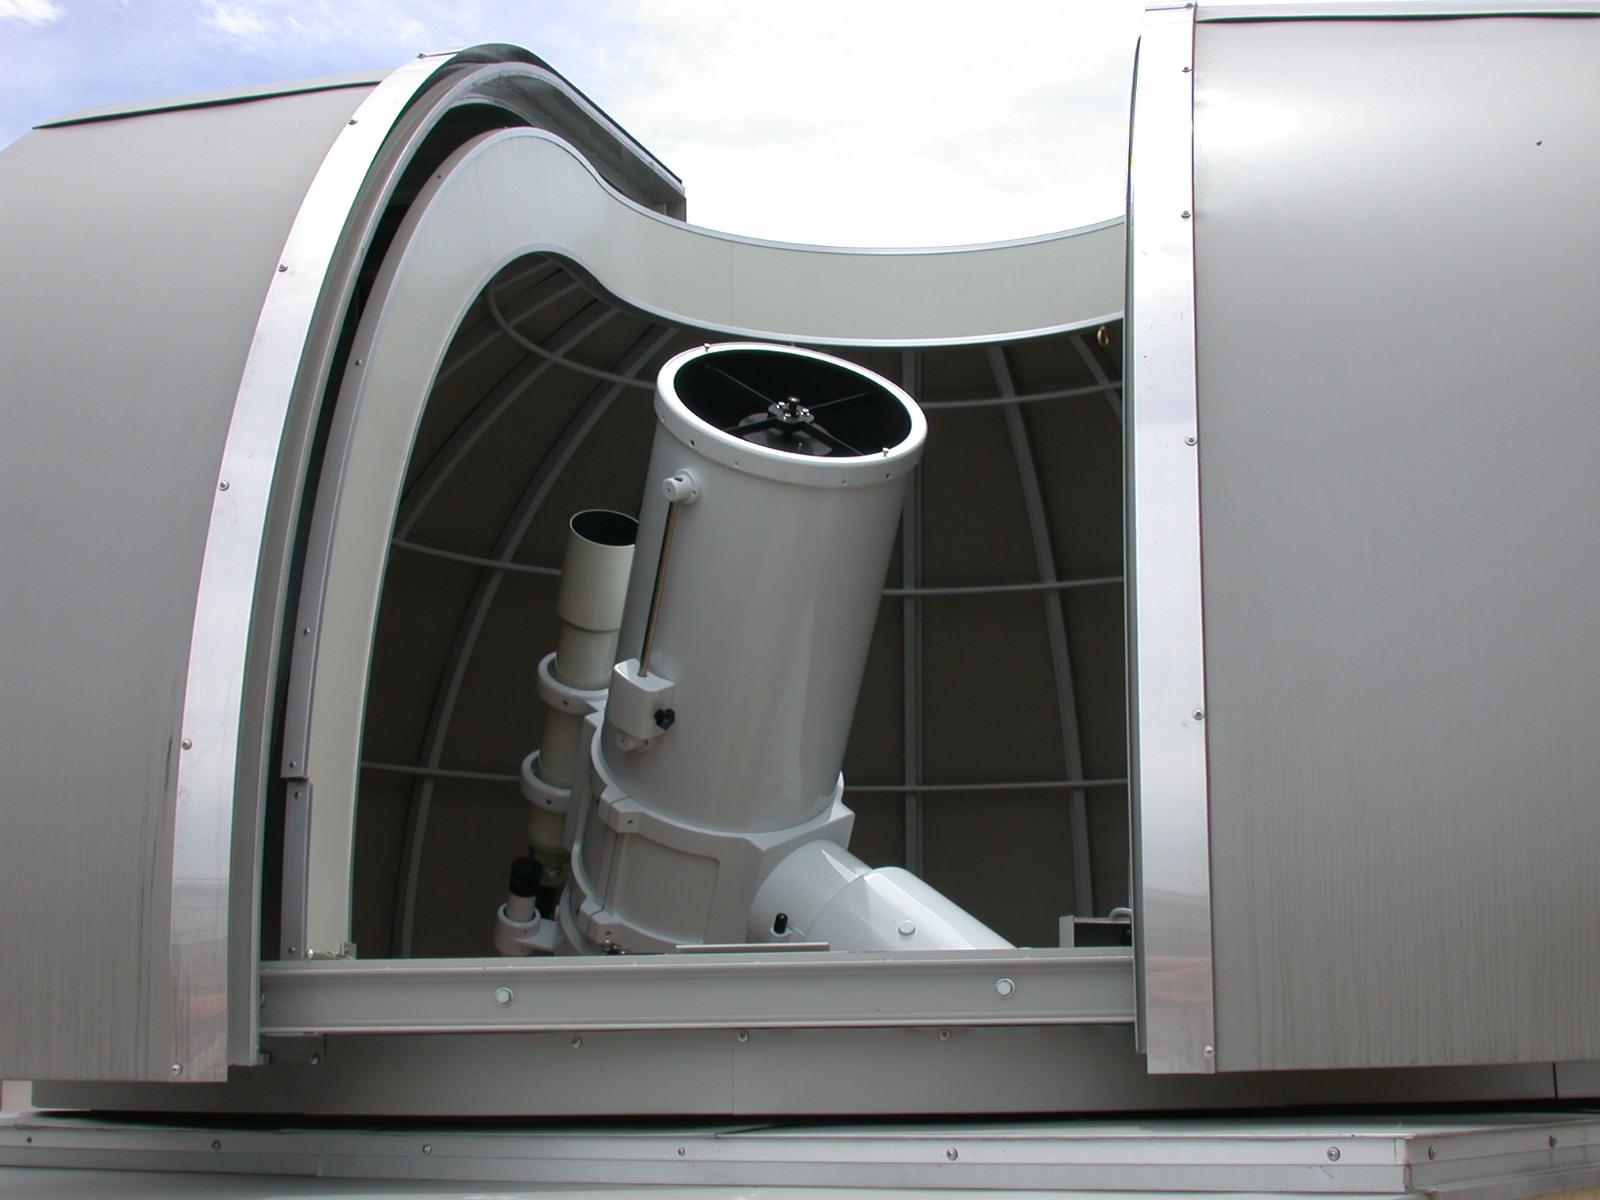 自宅屋上にある口径40cmのドーム型反射望遠鏡は、公式の観測所として登録されている。